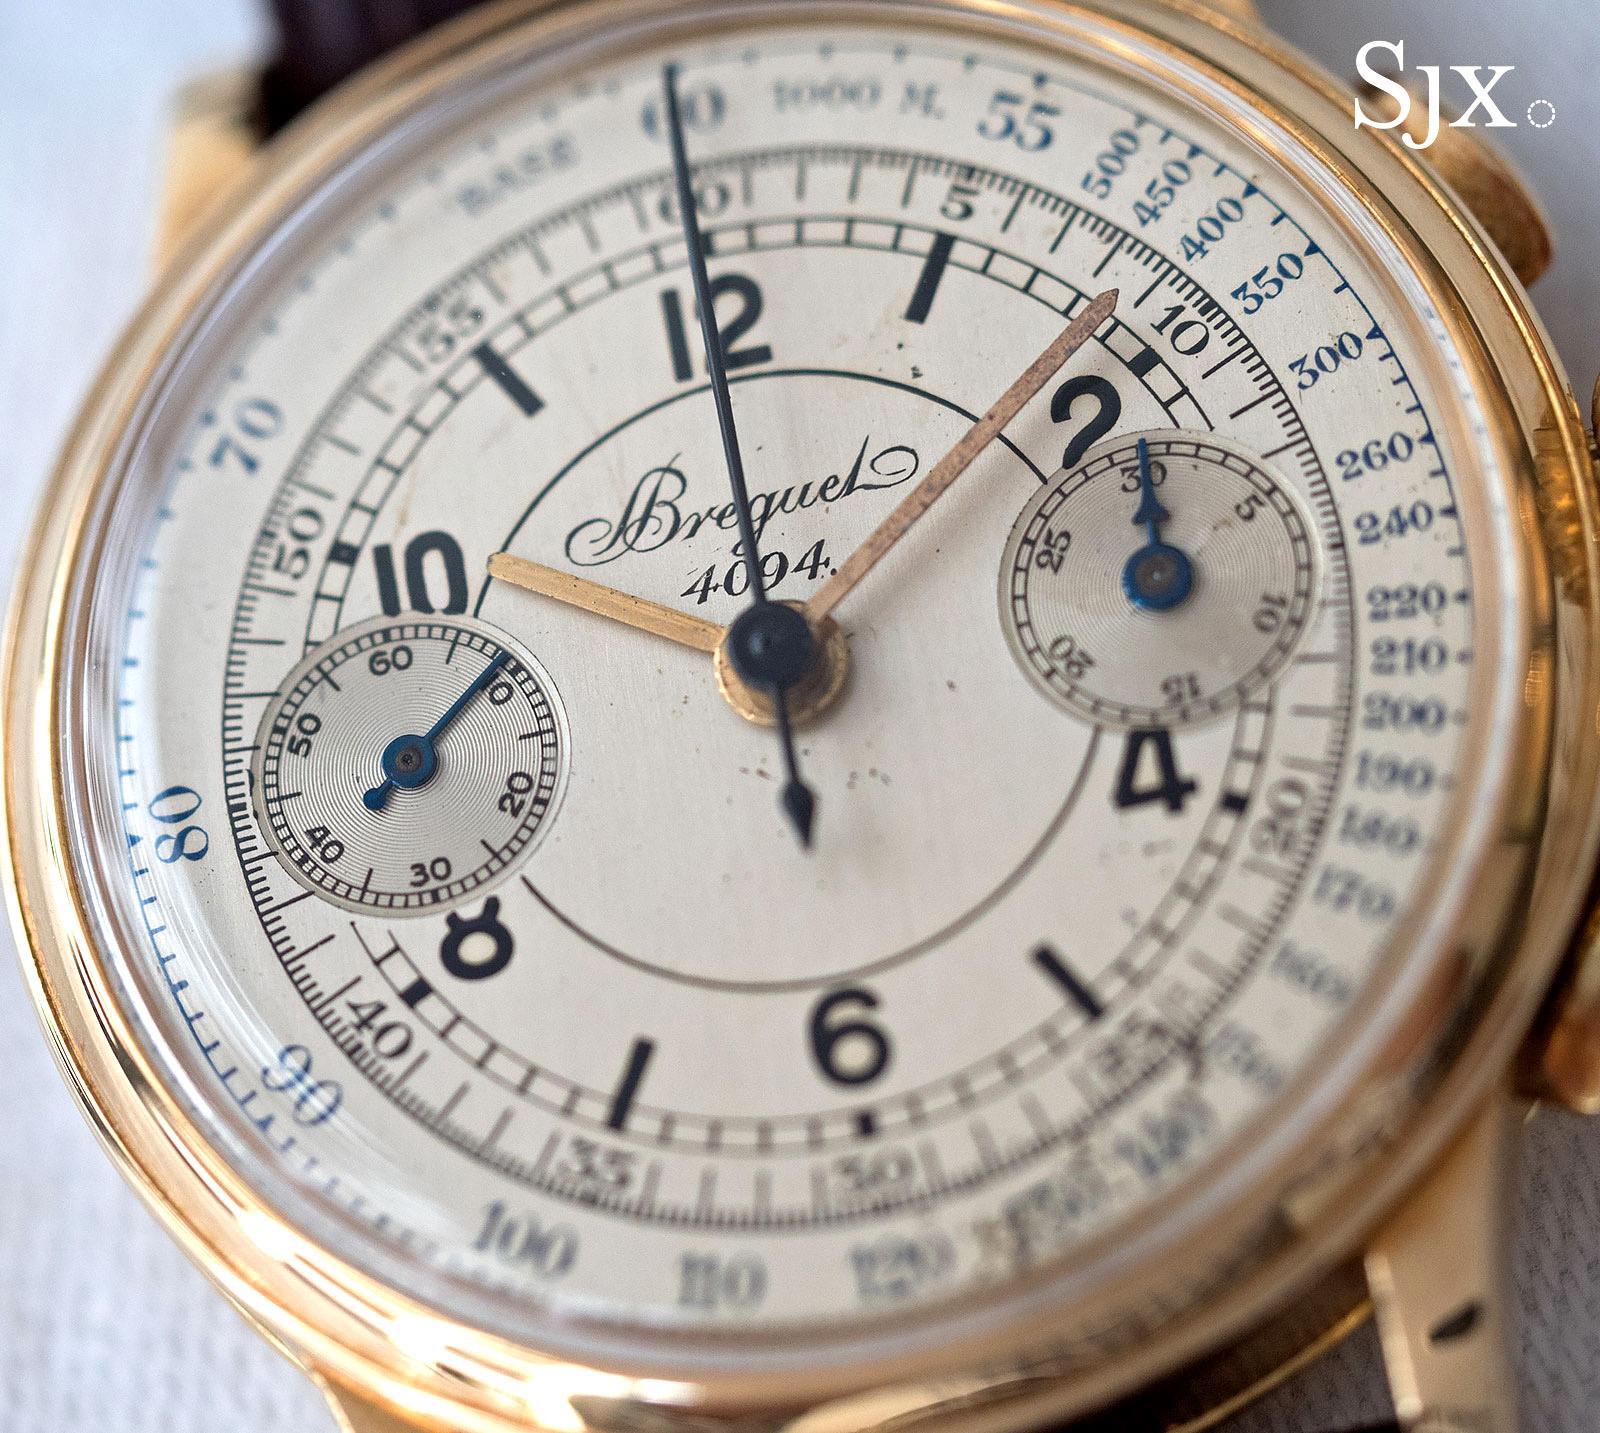 Breguet chronograph sector dial 3